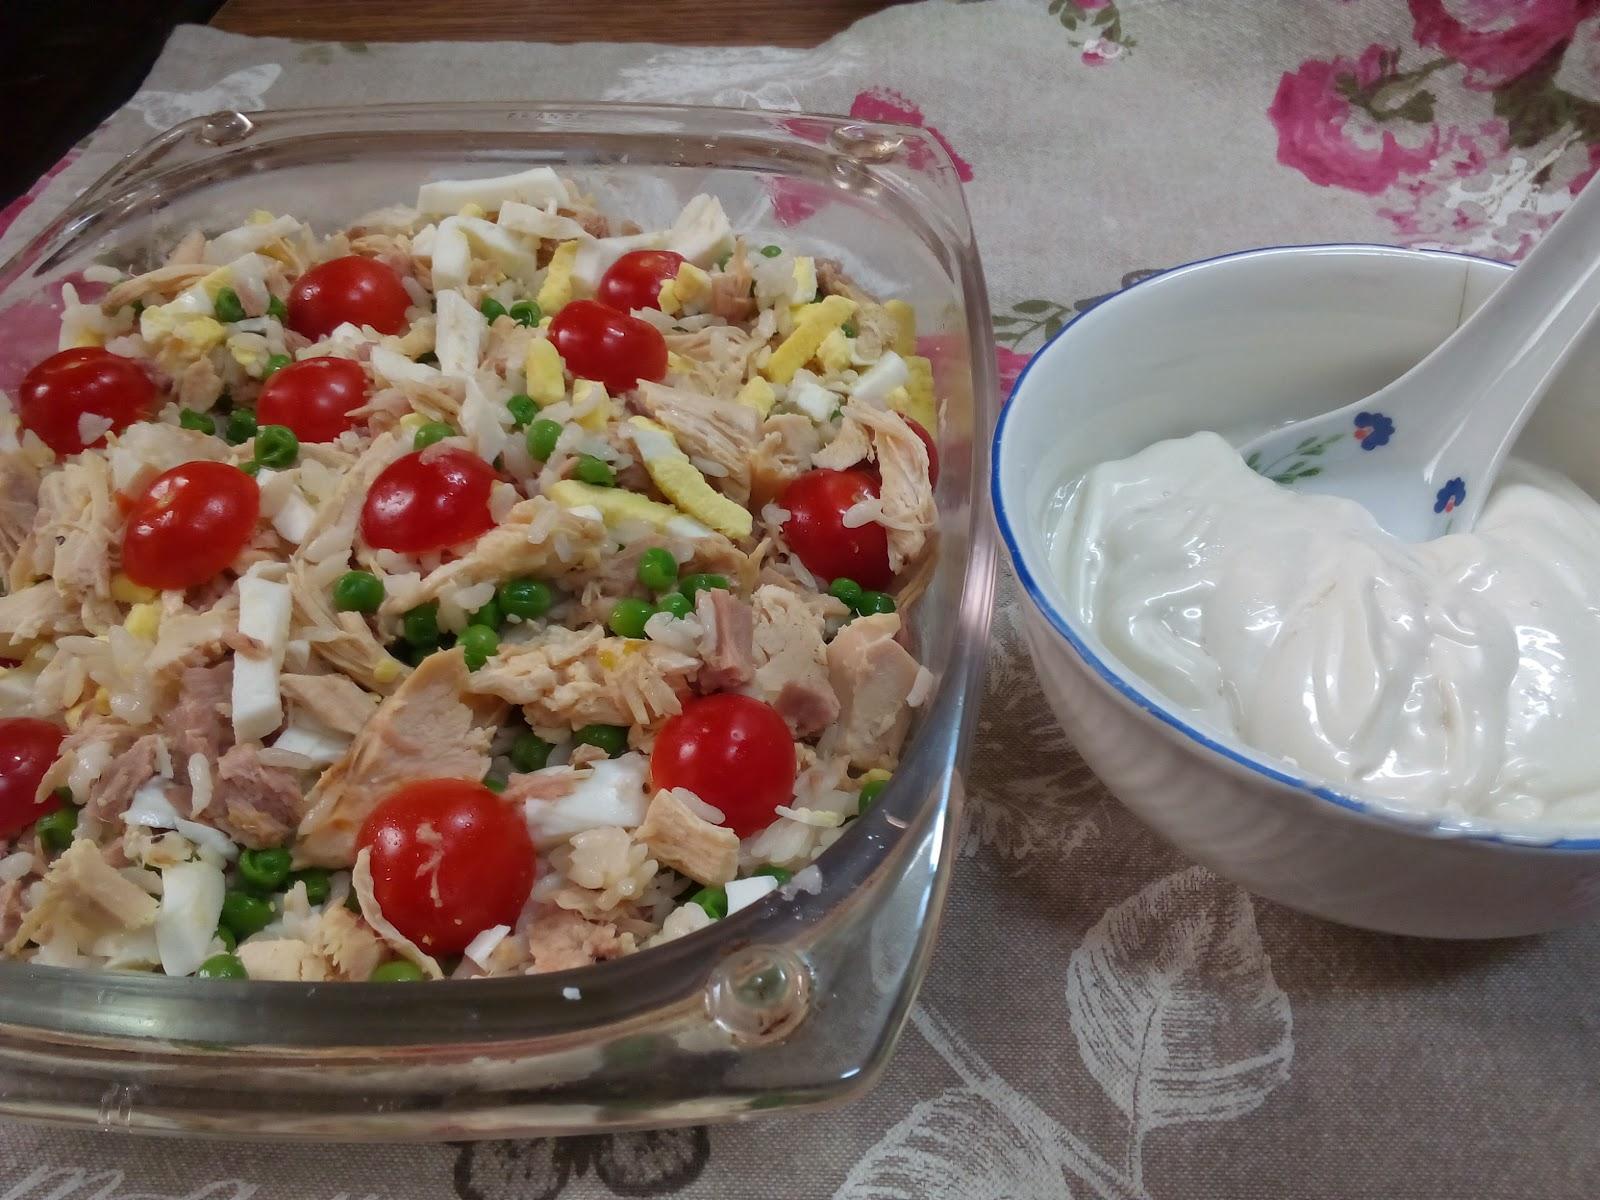 Todo sobre carmen ensalada de arroz con pollo asado at n - Ensalada de arroz y atun ...